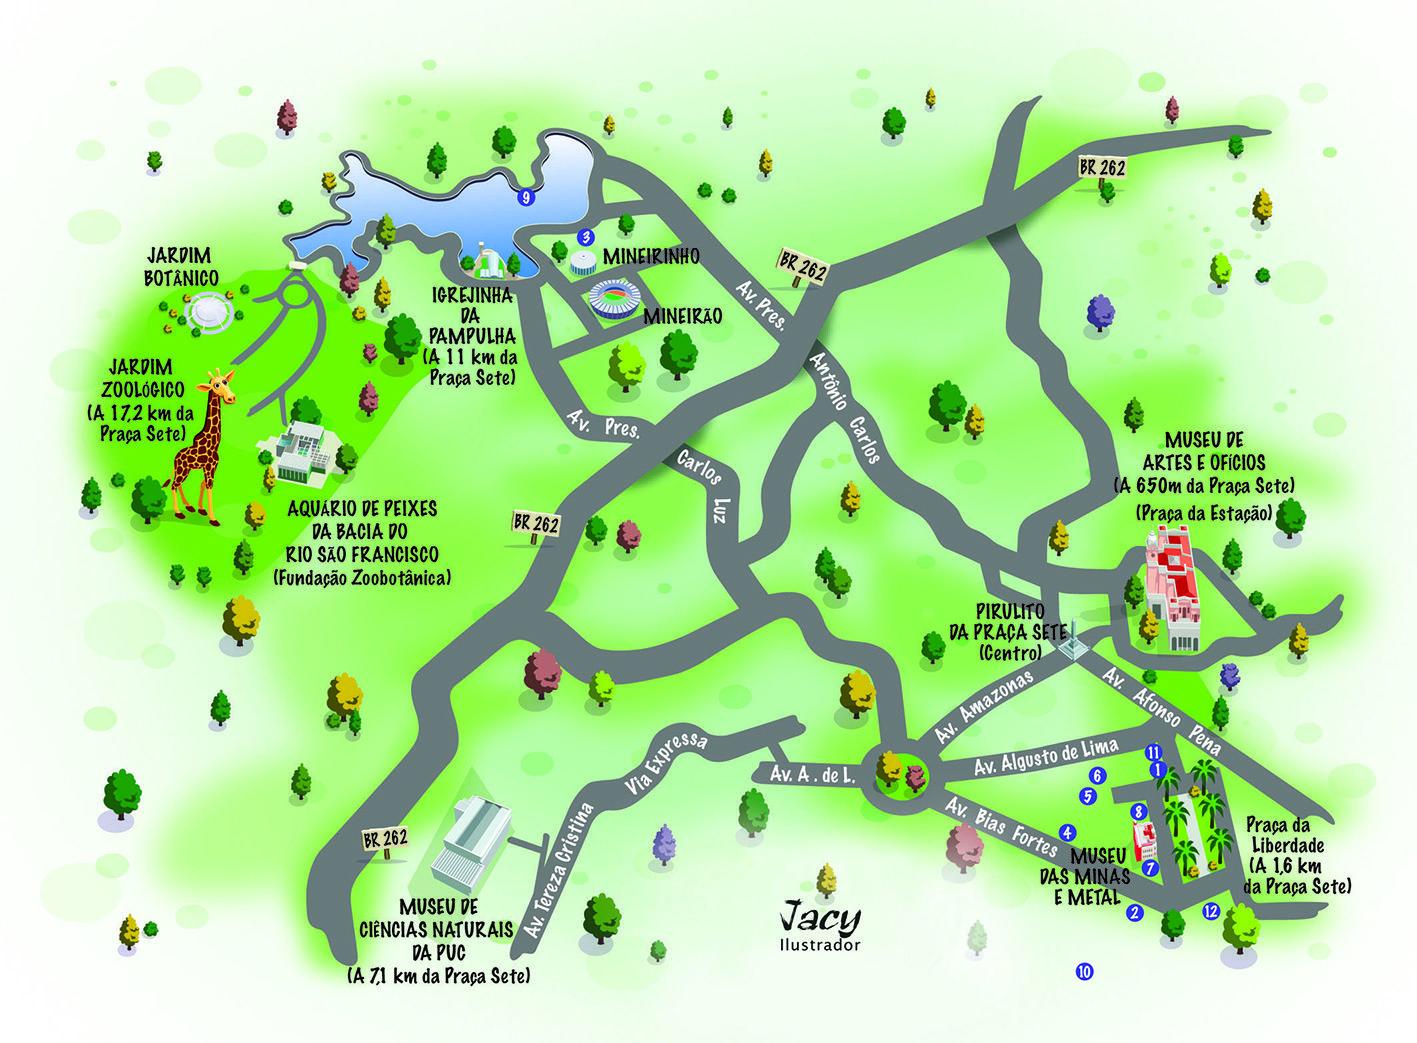 Mapa De Localização De Pontos De Vetor Localização De: Mapa De Localização Com Alguns Pontos Turísticos De